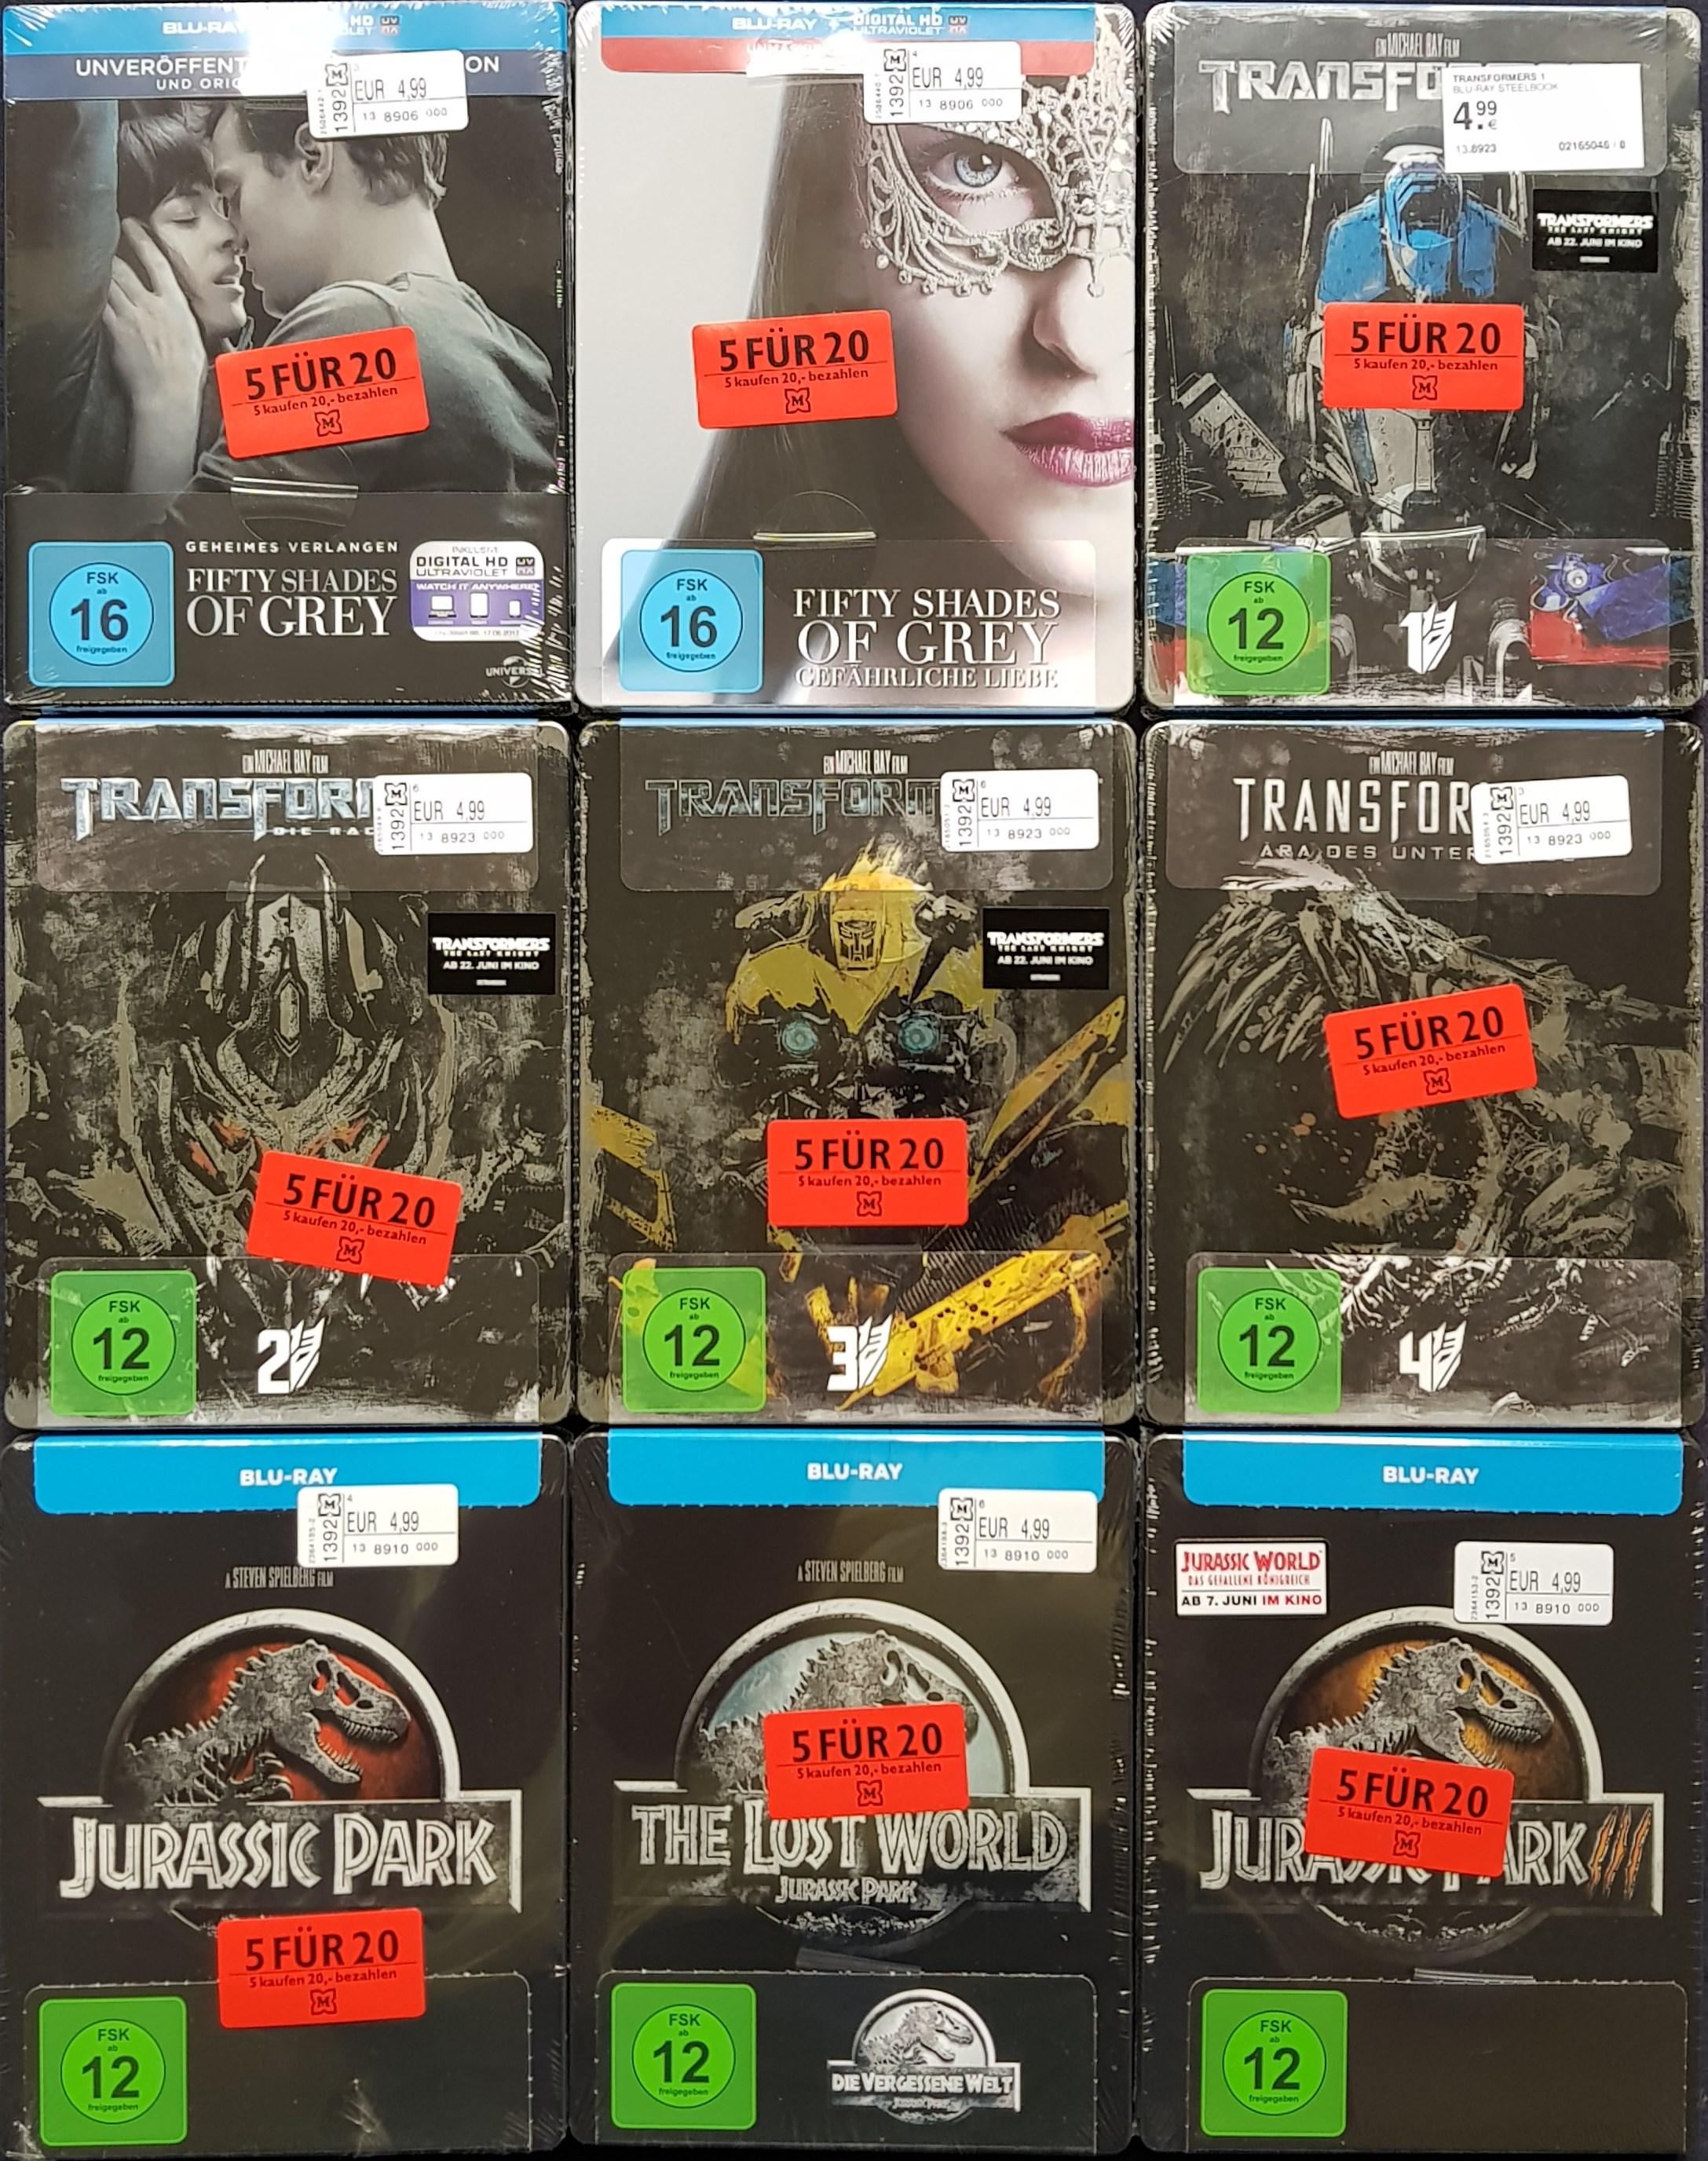 """SAMMELDEAL MÜLLER LOKAL: """"5 FÜR 20€""""-Aktion mit ausgewählten Blu-ray Steelbooks (u.a. Die Mumie, Jurassic Park uvm.) - Einzelpreis je 4,99€"""